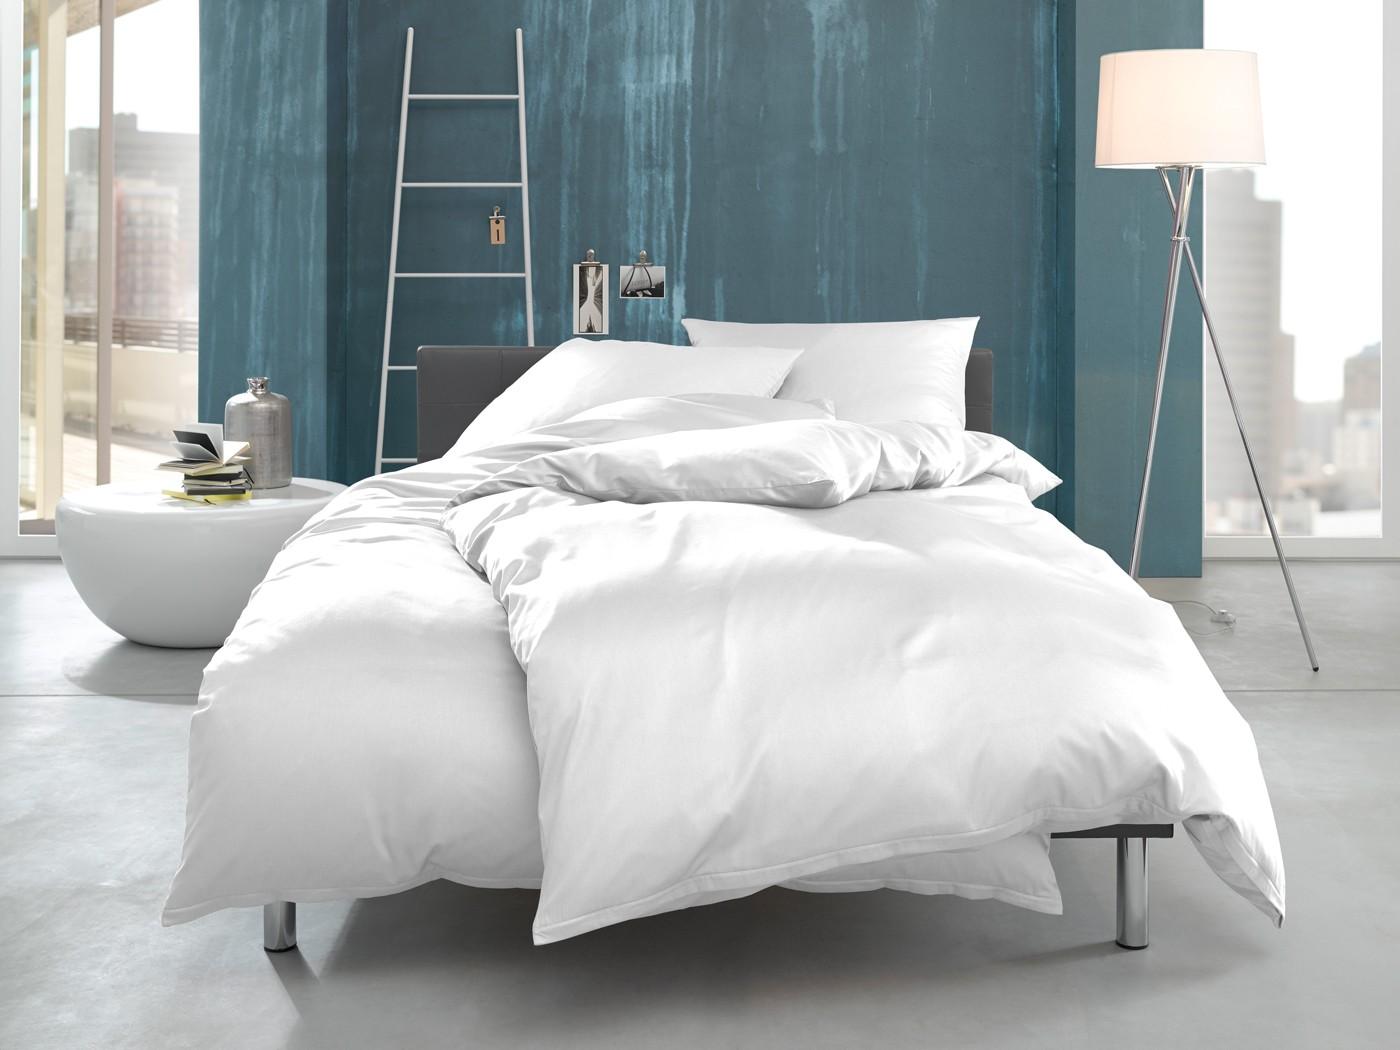 mako interlock jersey bettwäsche einfarbig weiß online kaufen | bms, Hause deko